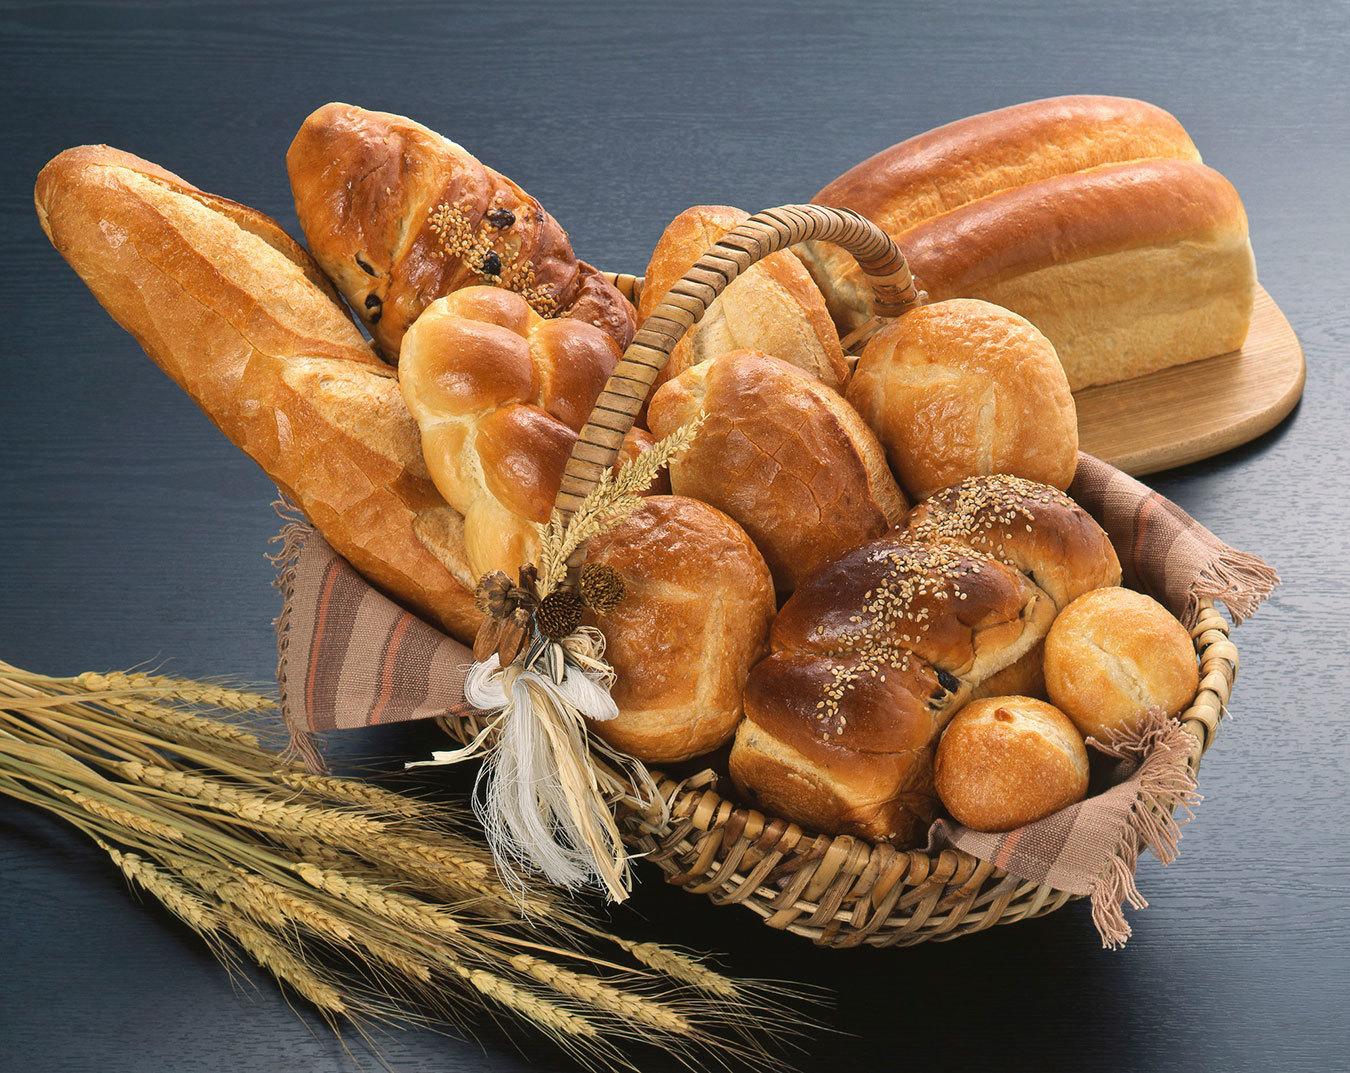 お国自慢を食べ比べ!世界のパンあれこれ